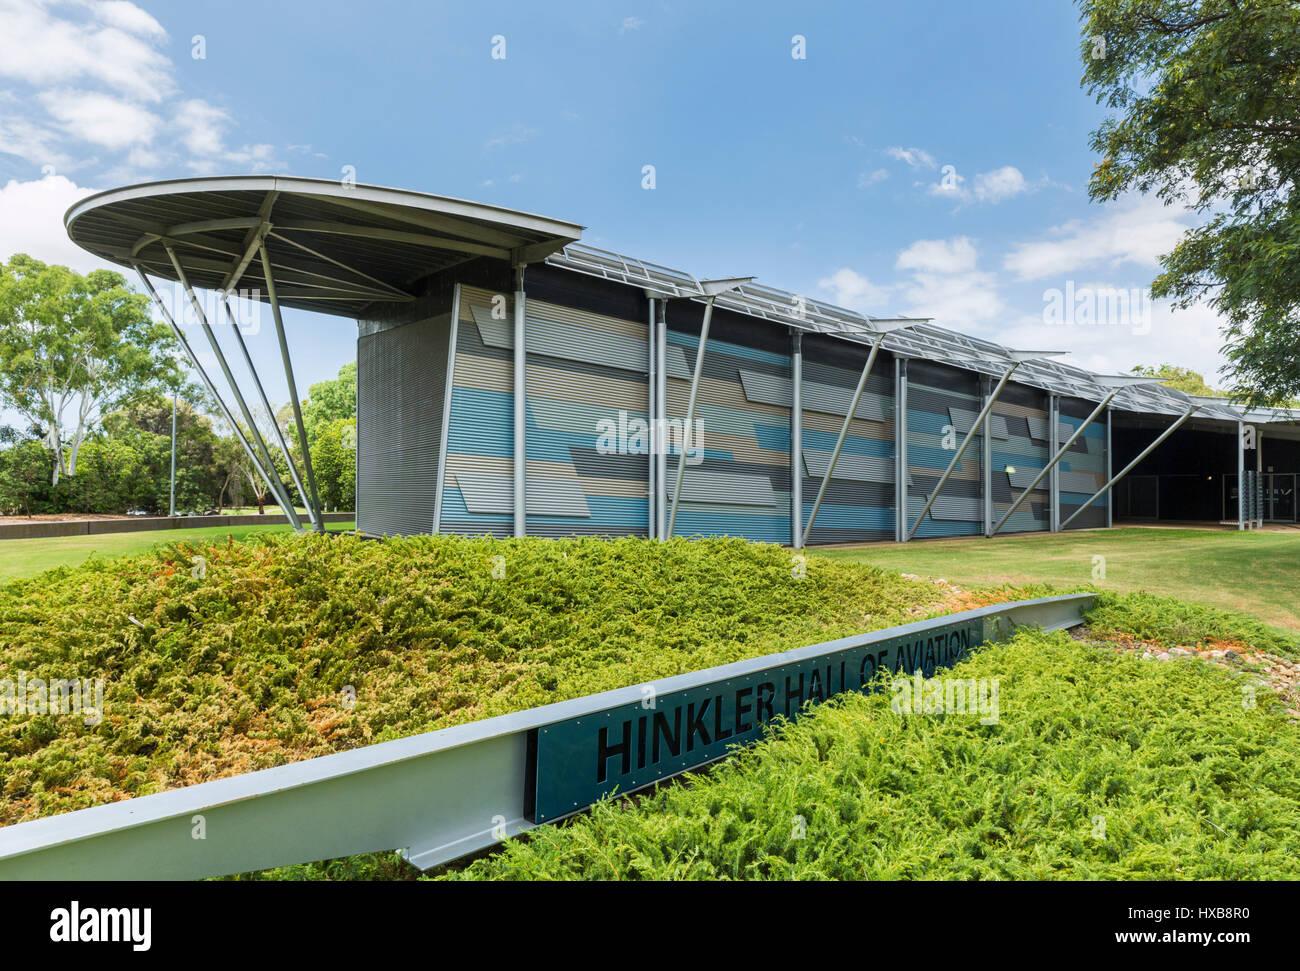 Le hall de l'Aviation Hinkler situé dans le Jardin botanique de Bundaberg. Bundaberg, Queensland, Australie Photo Stock